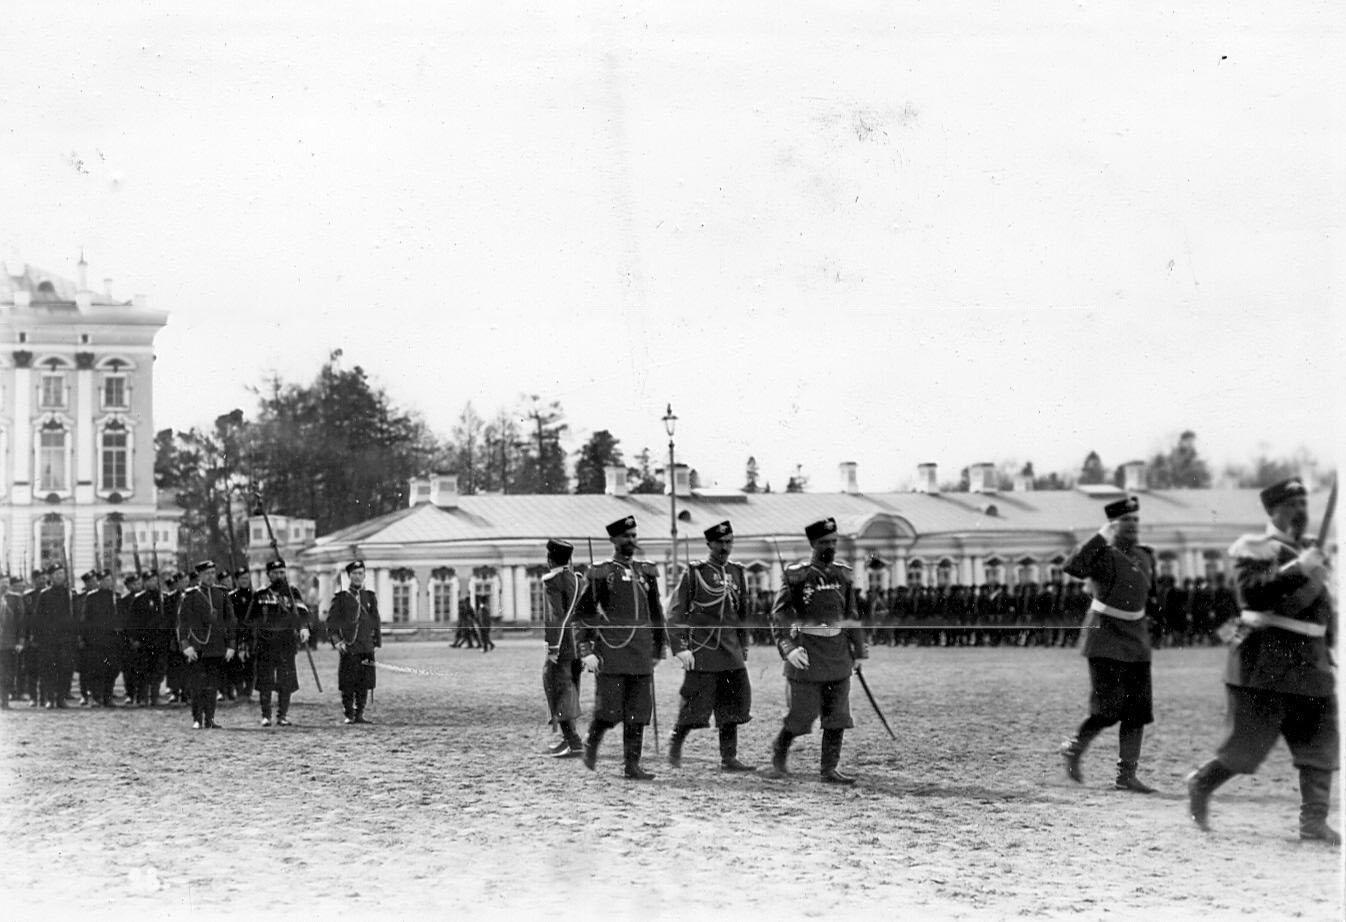 Подразделения лейб-гвардии стрелковой бригады проходят маршем перед принимающим парад